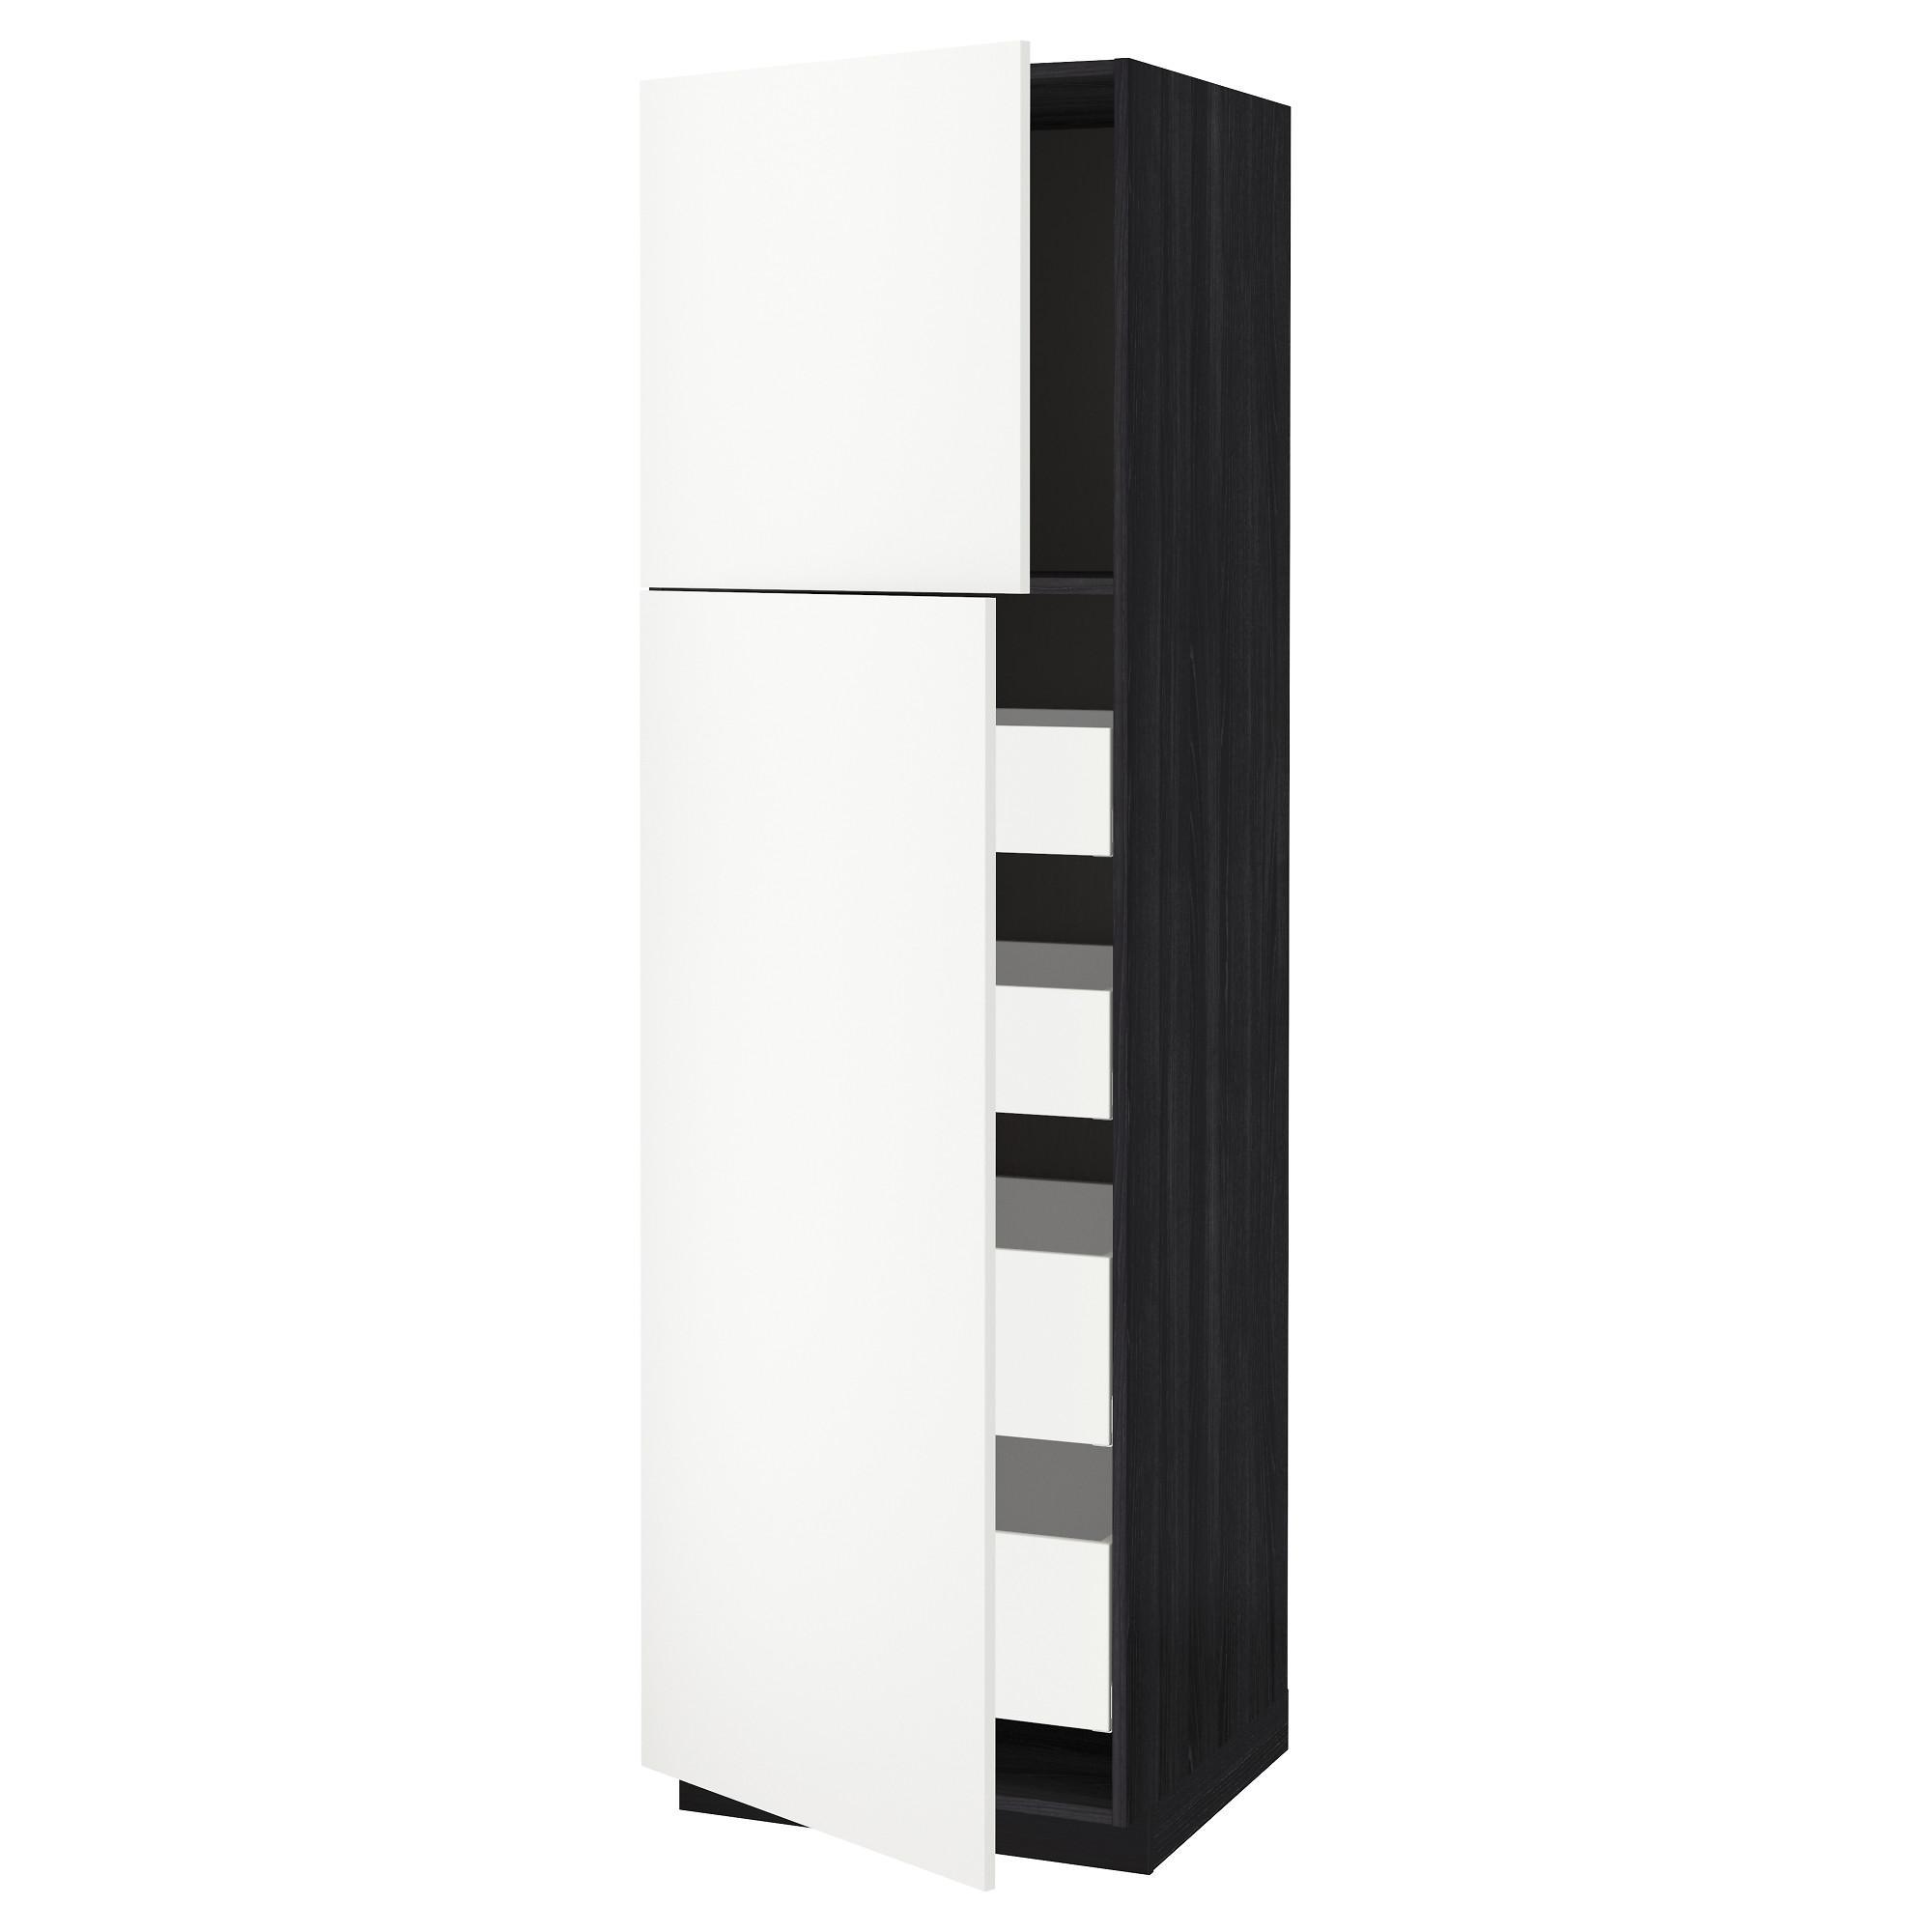 Высокий шкаф/2дверцы/4ящика МЕТОД / МАКСИМЕРА черный артикуль № 792.316.20 в наличии. Онлайн каталог IKEA Минск. Недорогая доставка и монтаж.